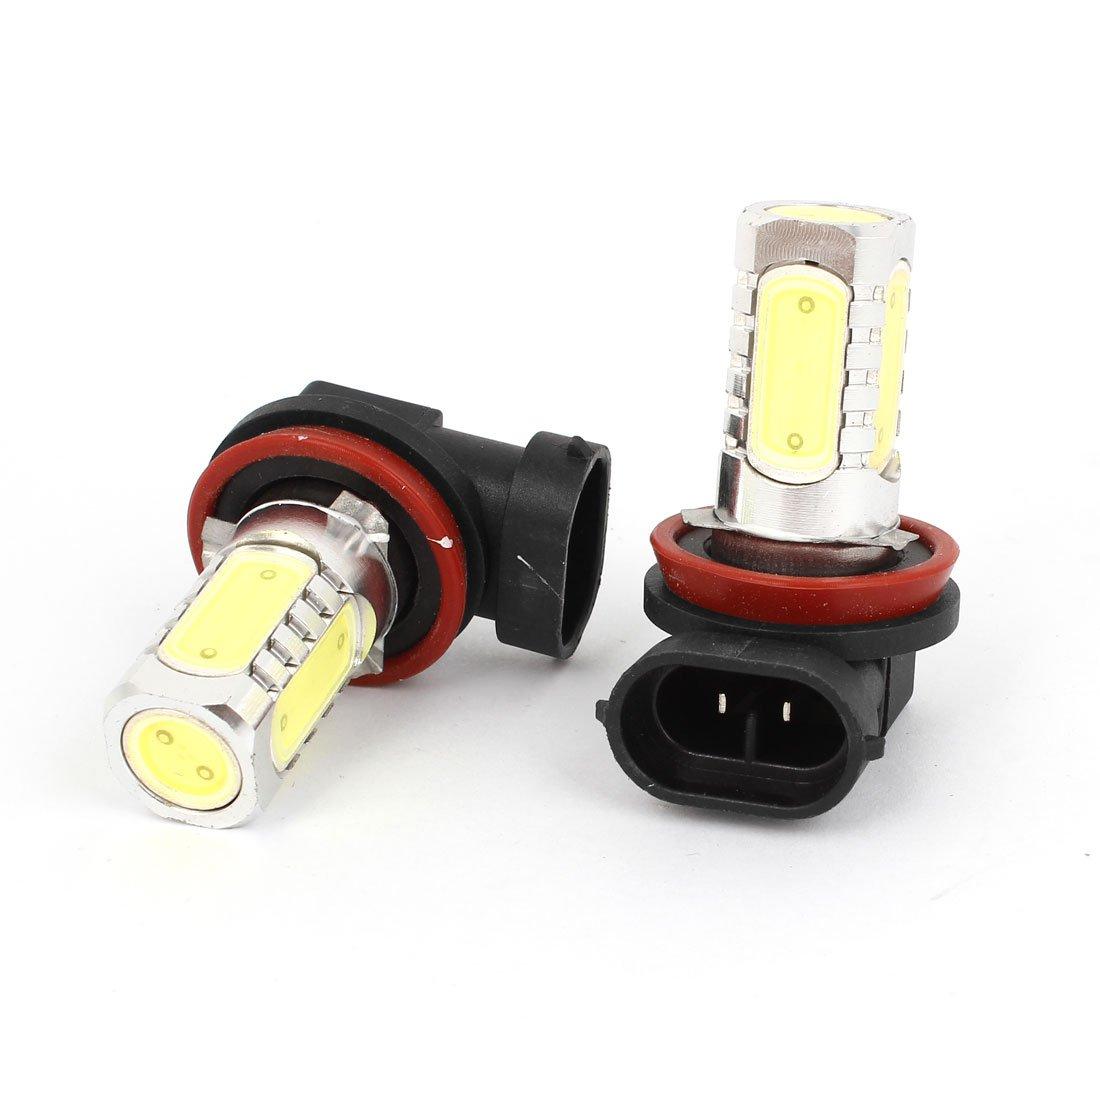 uxcell 2 Pcs H11 White SMD LED Foglamp Headlight Bulb Lamp 12V for Car